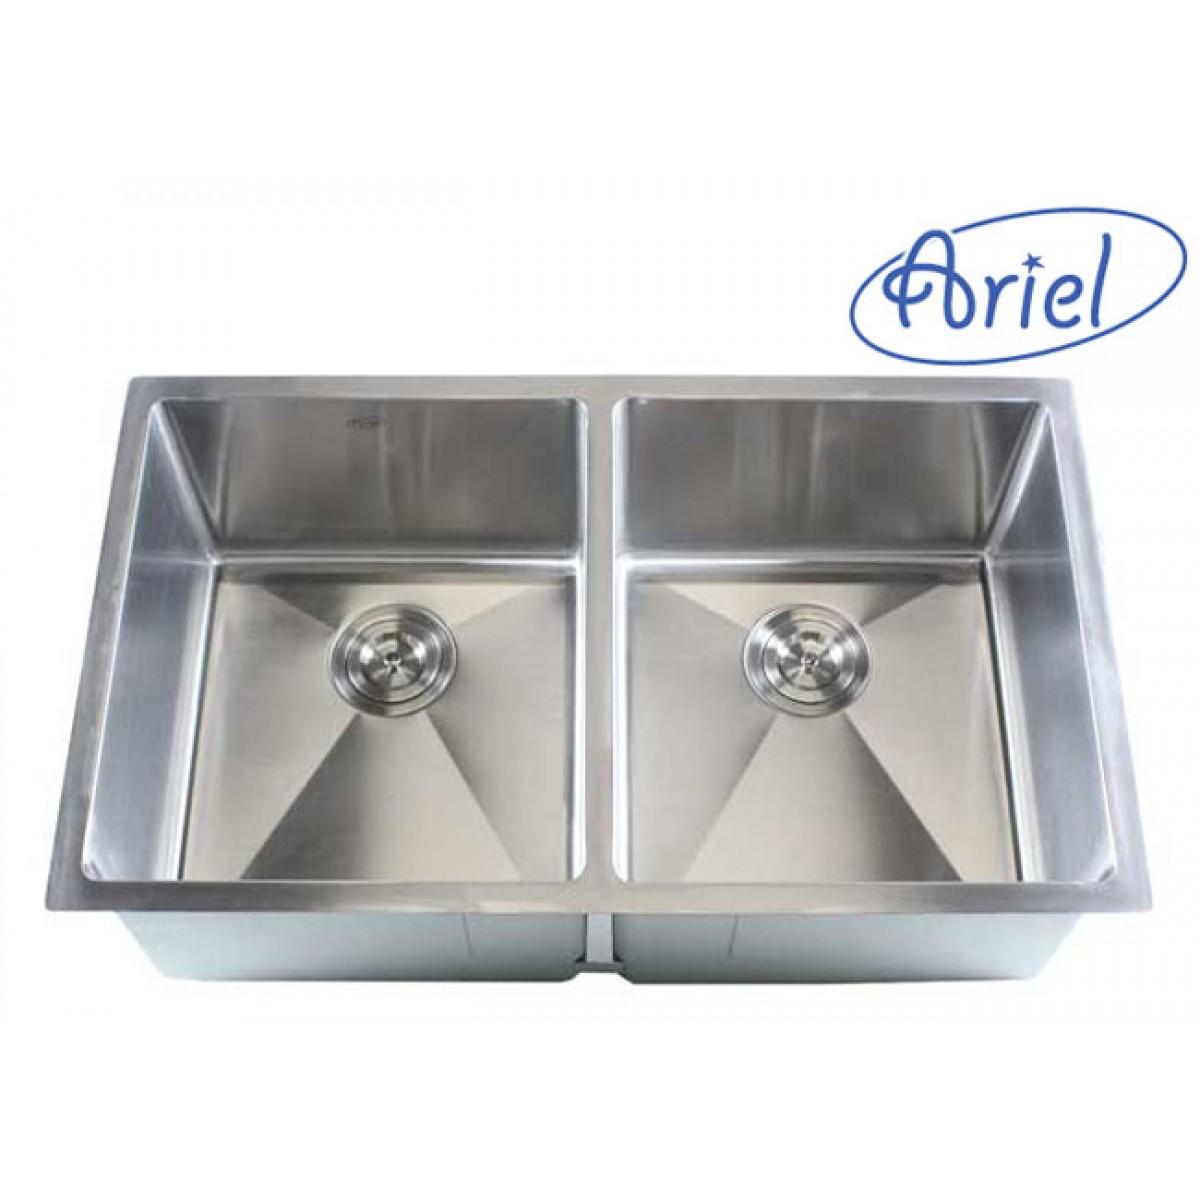 32 inch stainless steel undermount 50 50 double bowl kitchen sink 16 gauge